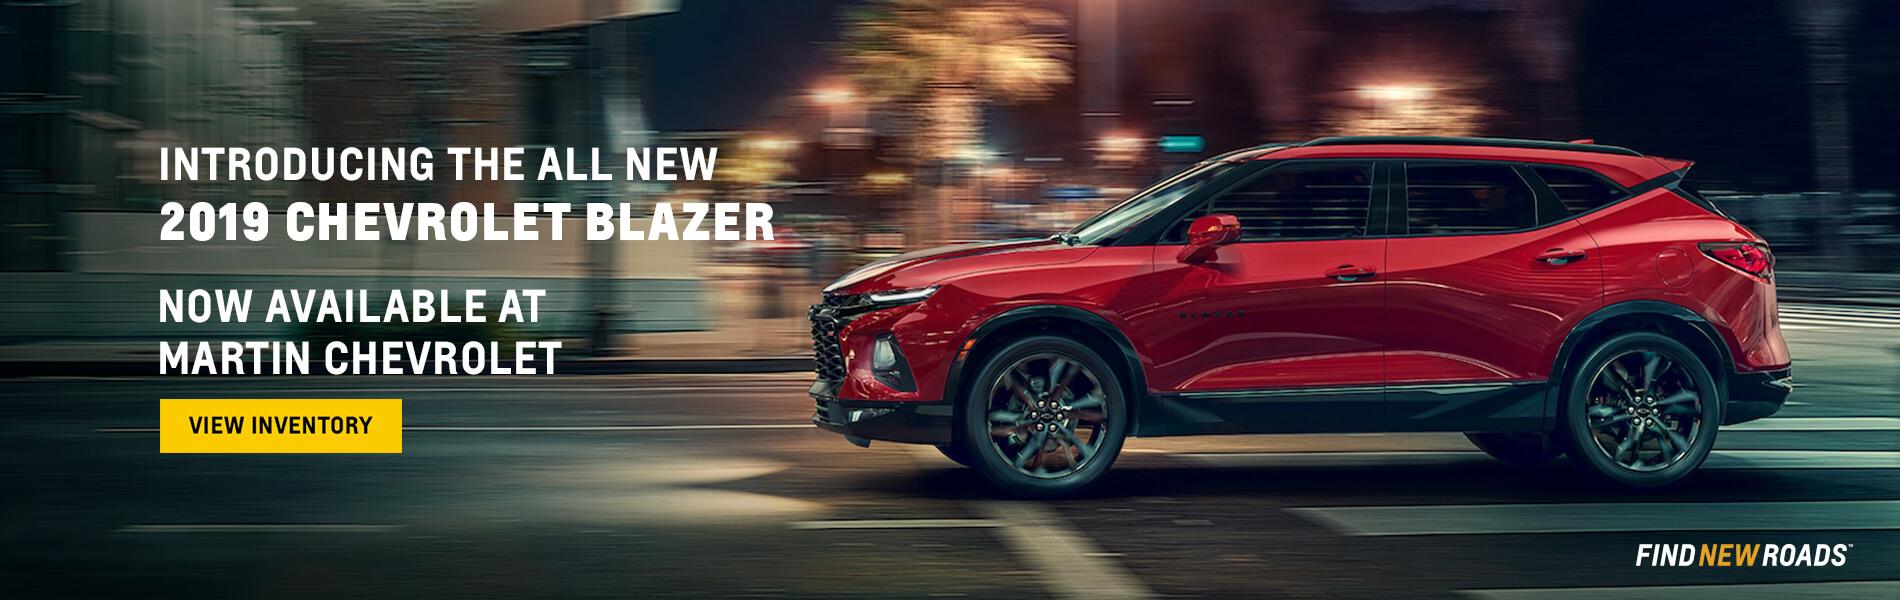 Chevrolet Blazer Promo